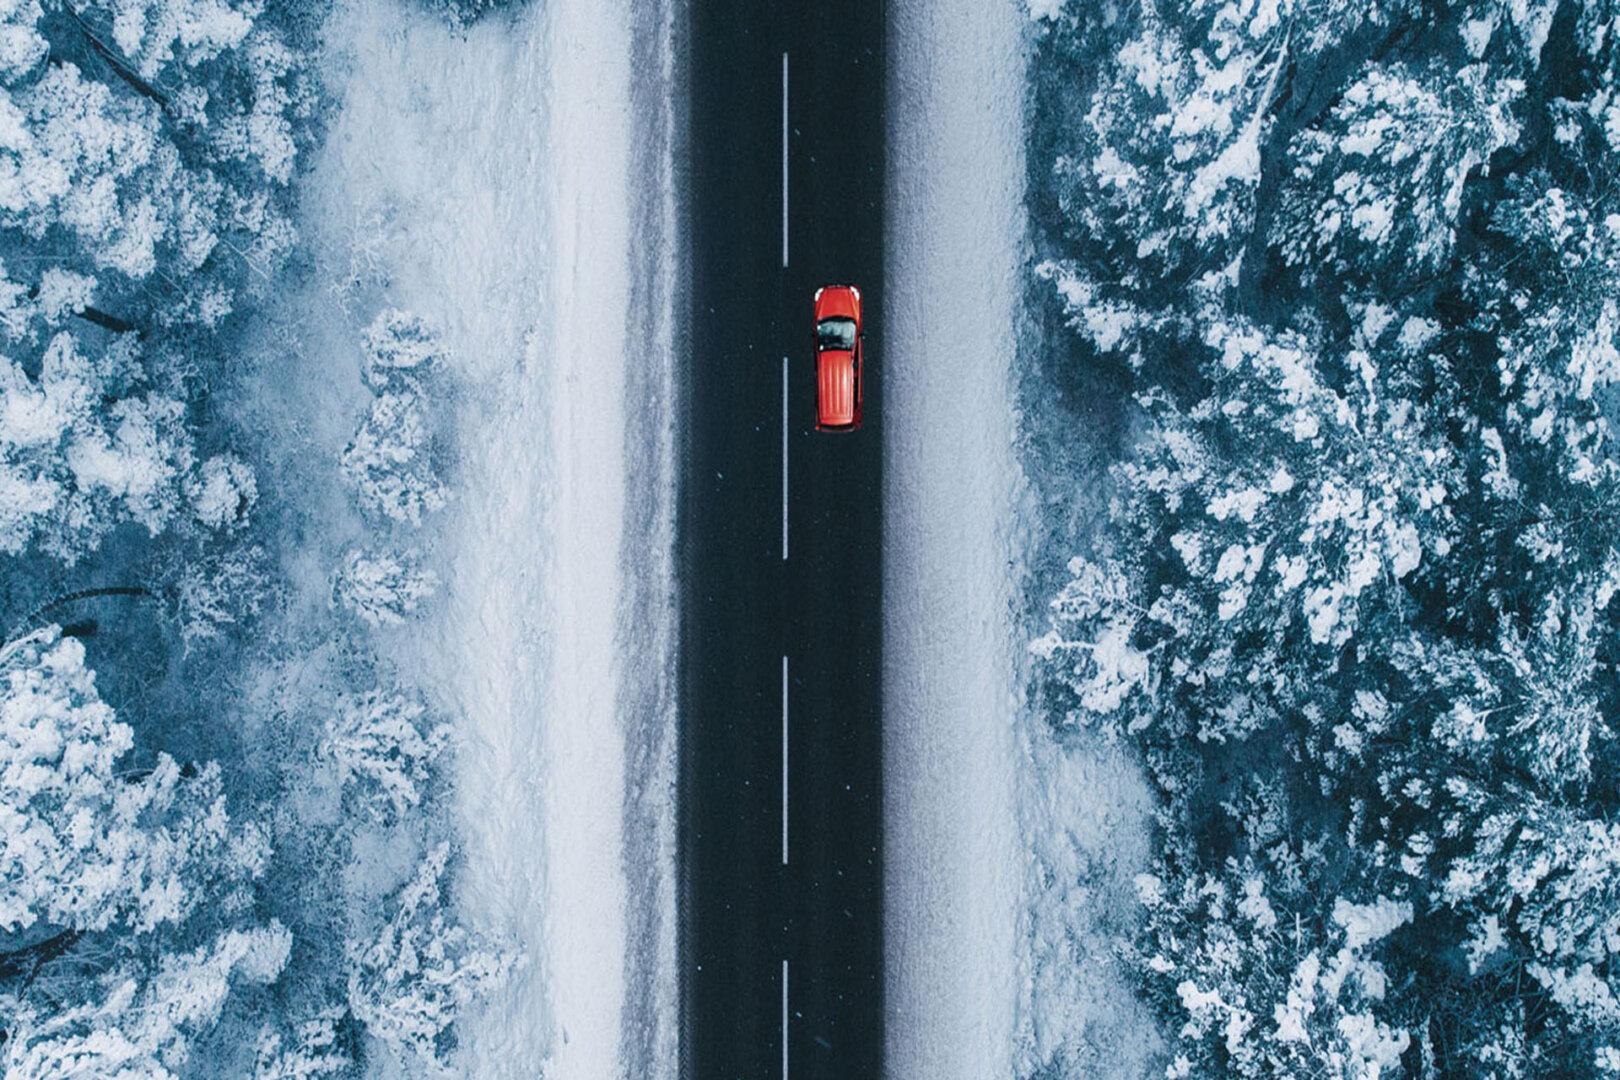 Elektroauto im Winter: Fahrzeug auf Straße in verschneiter Winterlandschaft